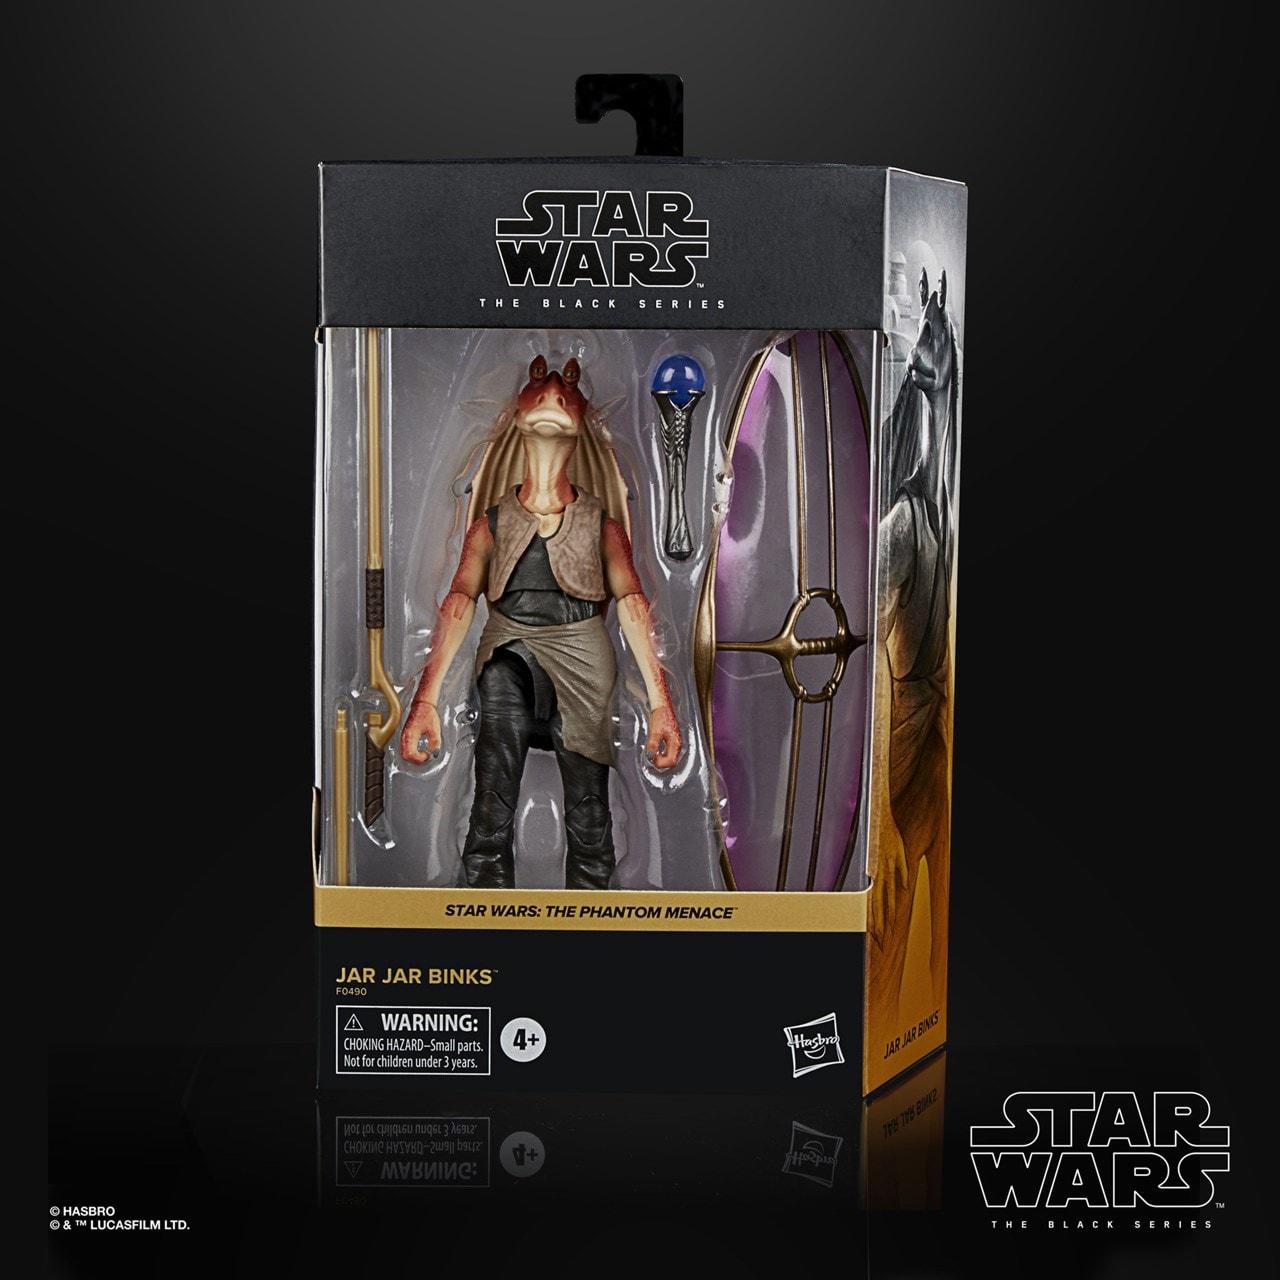 Jar Jar Binks: Deluxe: The Black Series: Star Wars Action Figure - 6